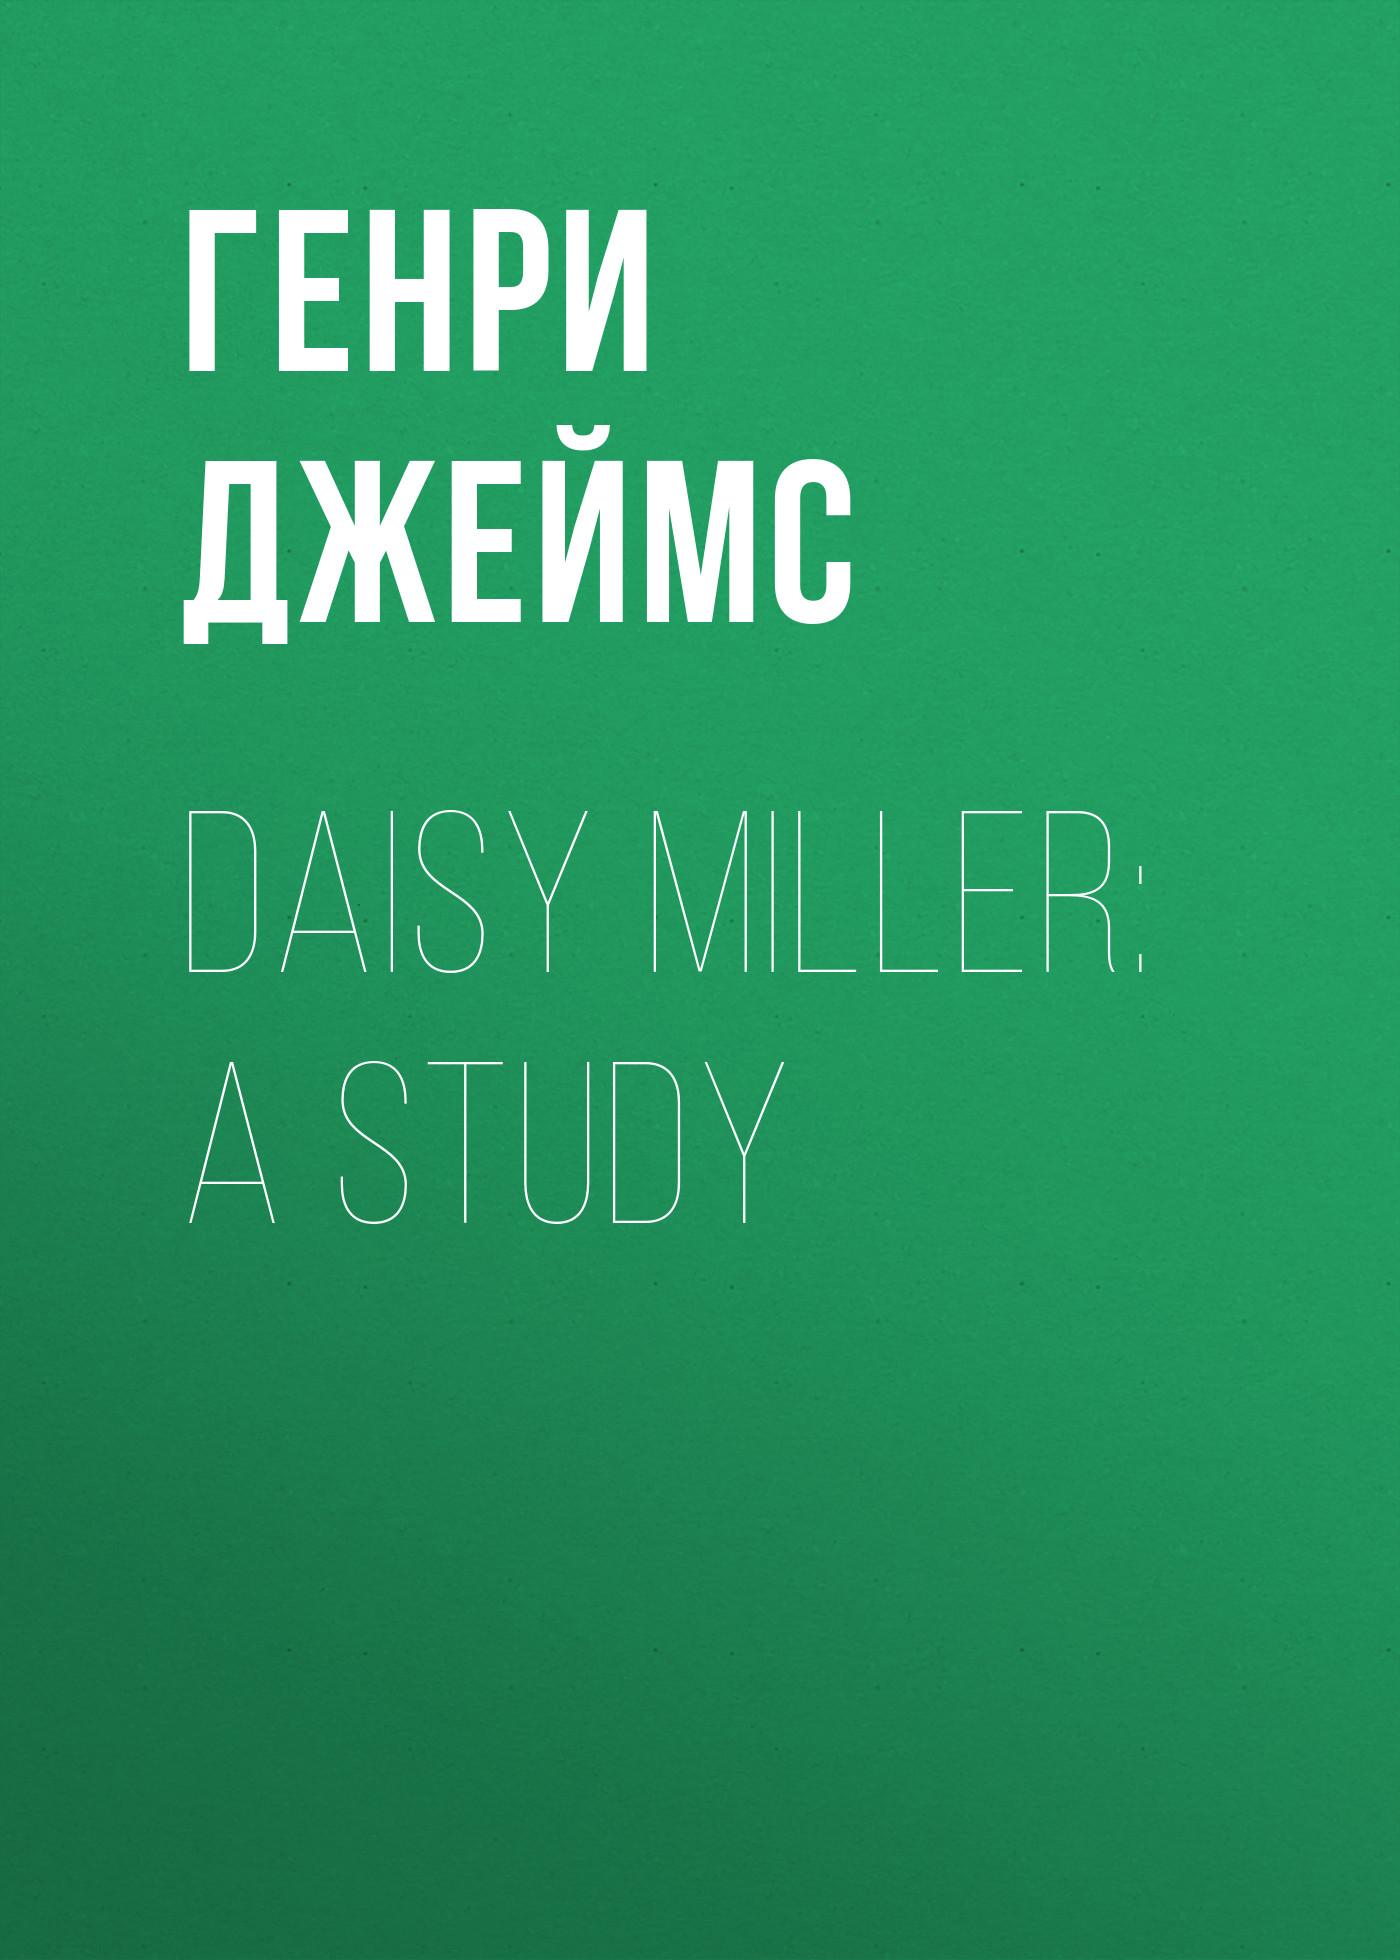 Генри Джеймс Daisy Miller: A Study генри джеймс daisy miller